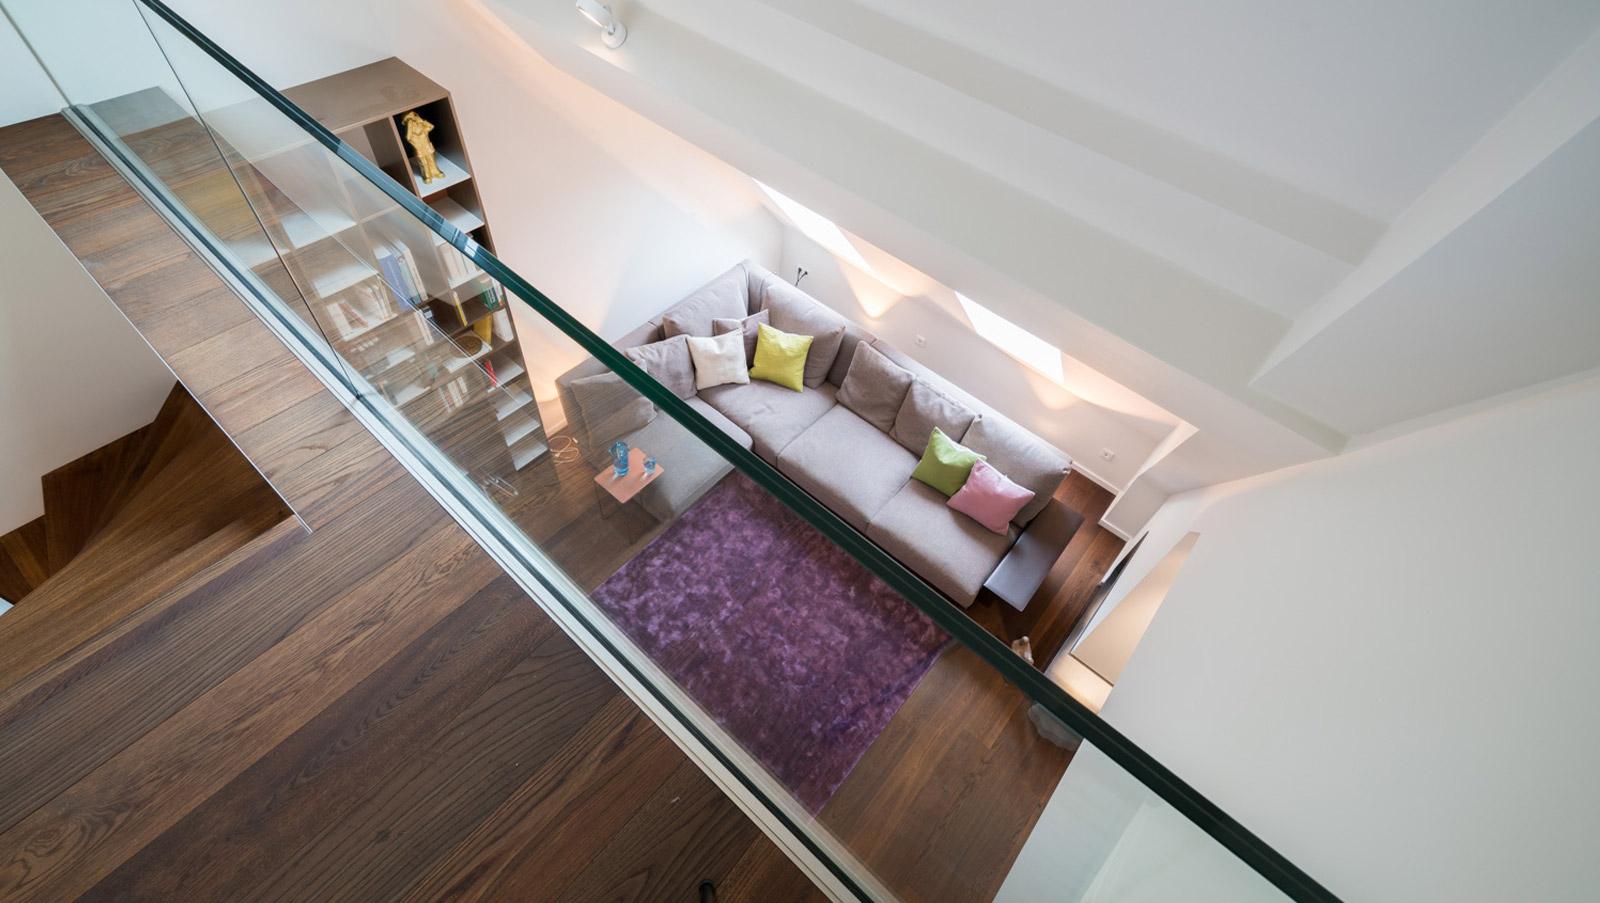 Innenarchitektur pfaff innenarchitekt bdia for Wohnzimmer bilder glas